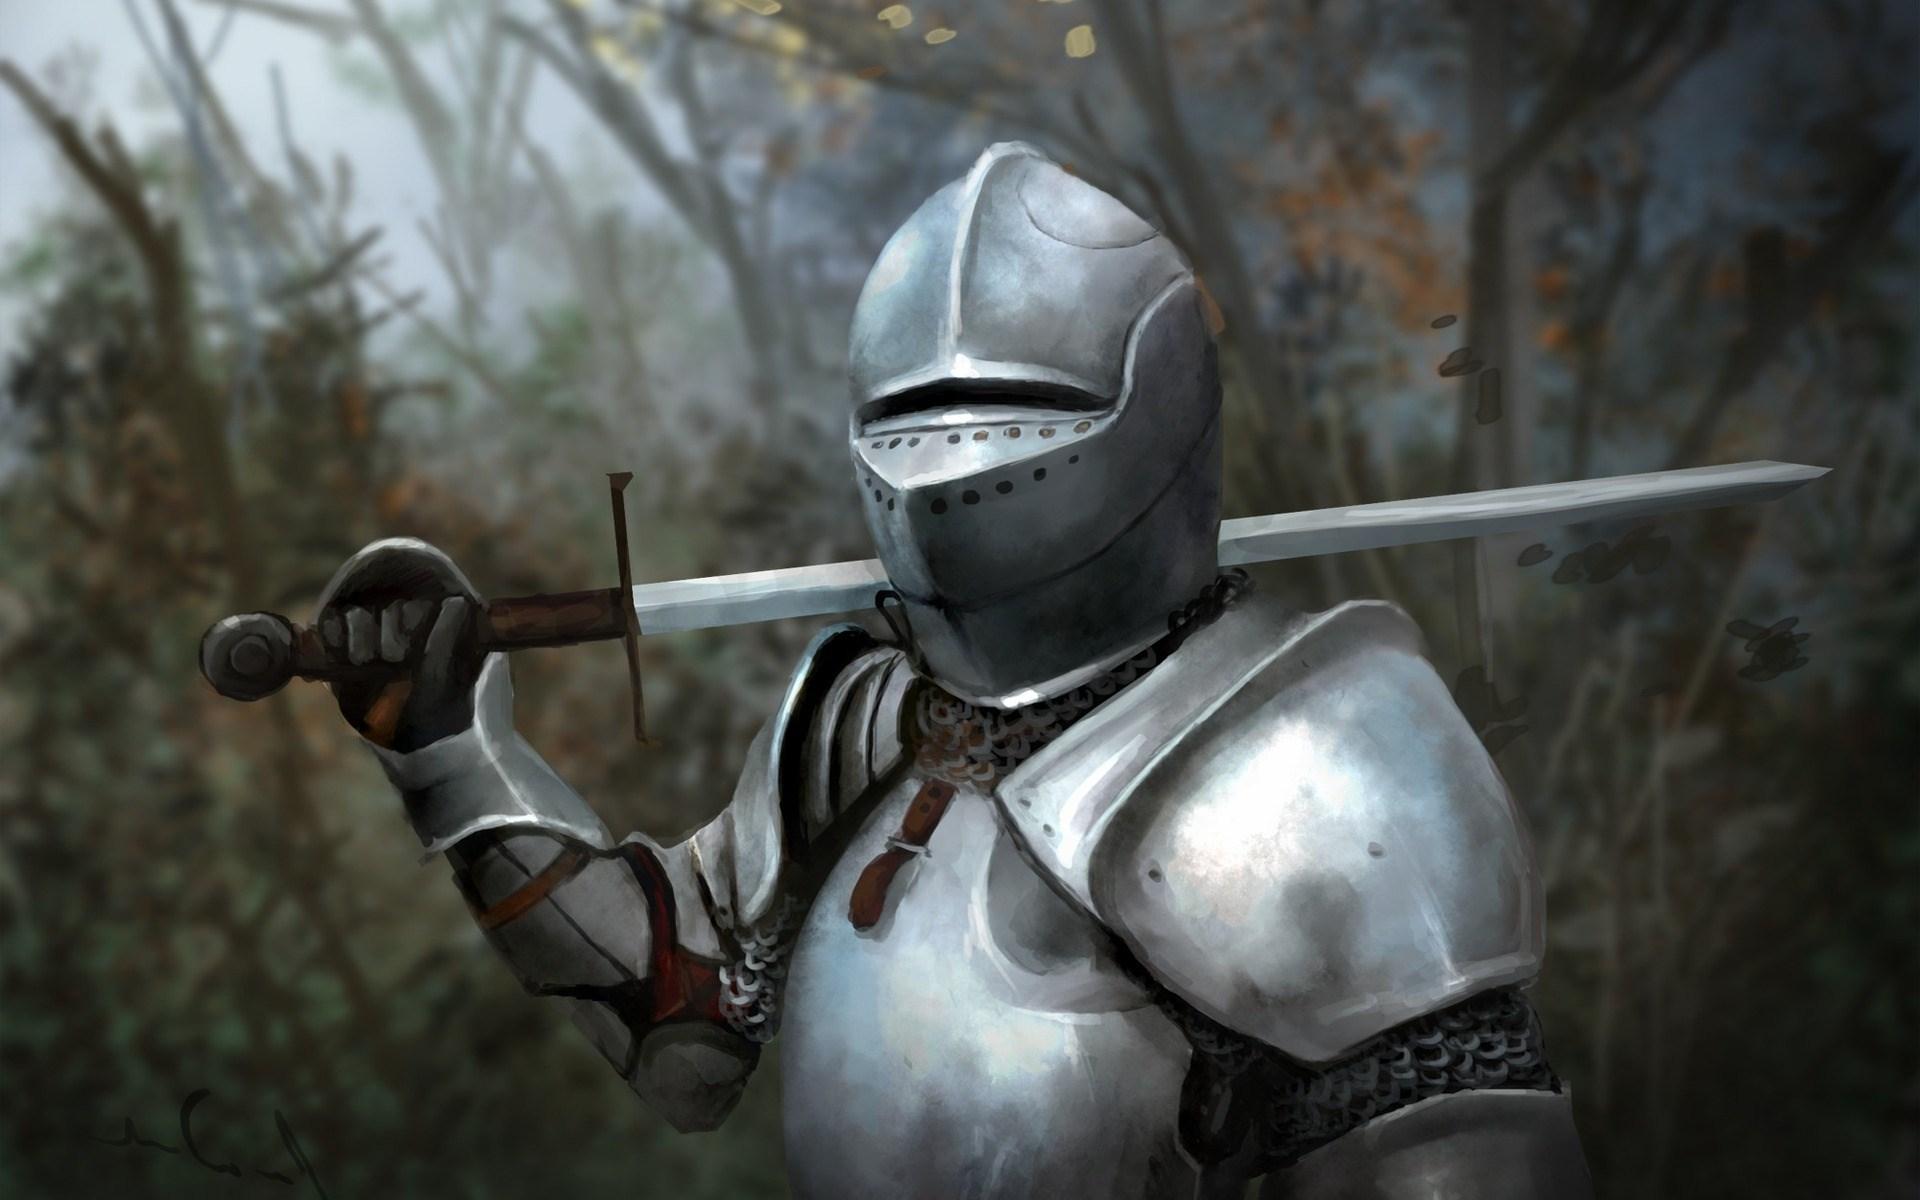 knight-armor-helmet-sword-art-wallpaper-1920x1200